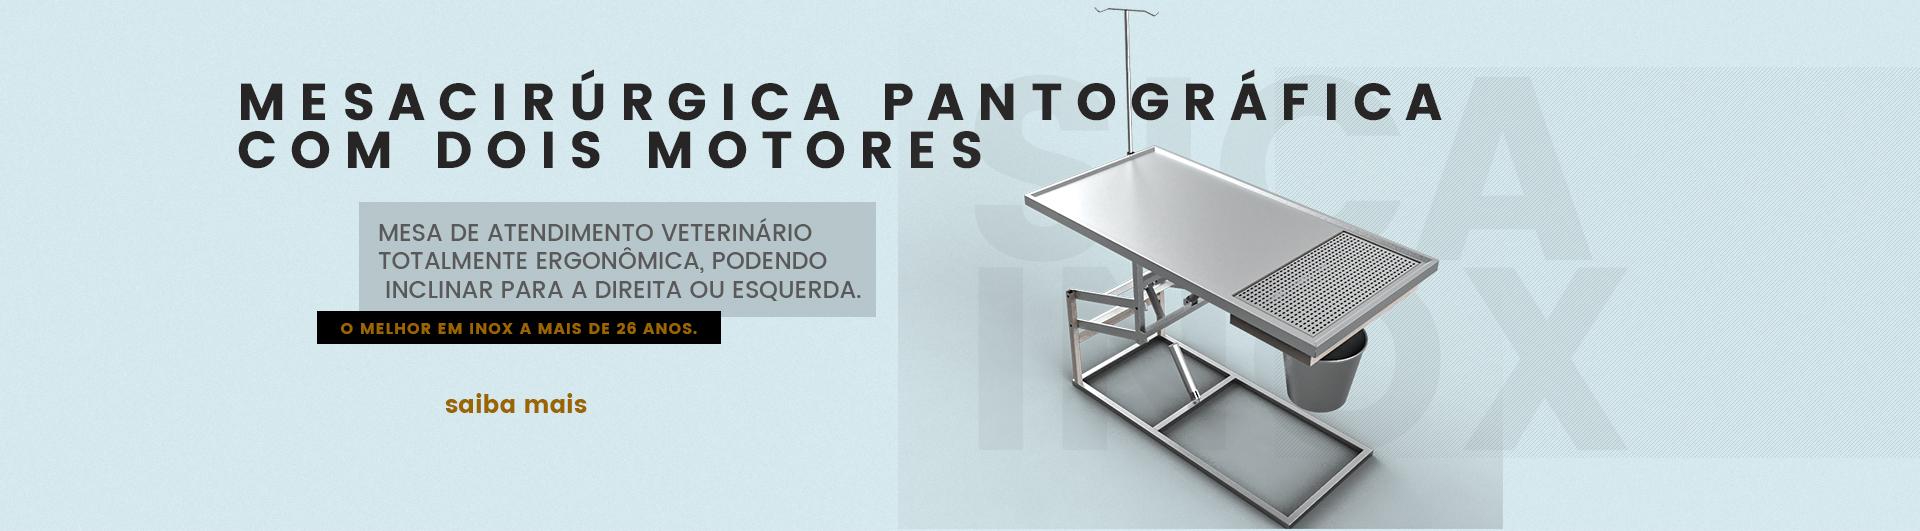 MESA CIRÚRGICA PANTOGRÁFICA COM DOIS MOTORES